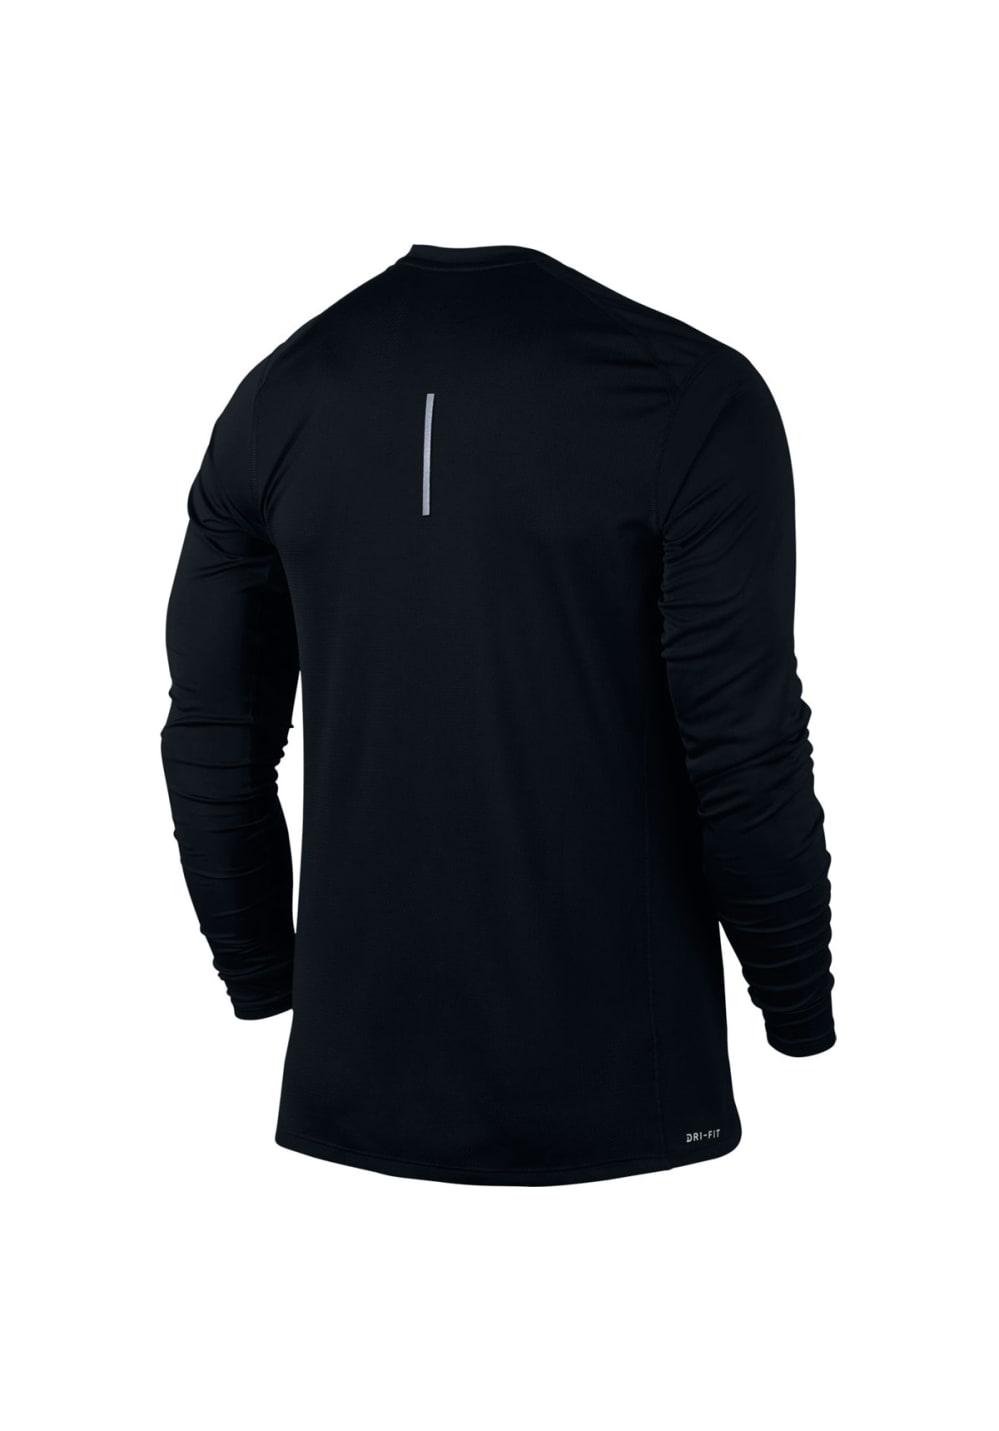 Nike Dry Miler Longsleeve - Laufshirts für Herren - Schwarz, Gr. XL